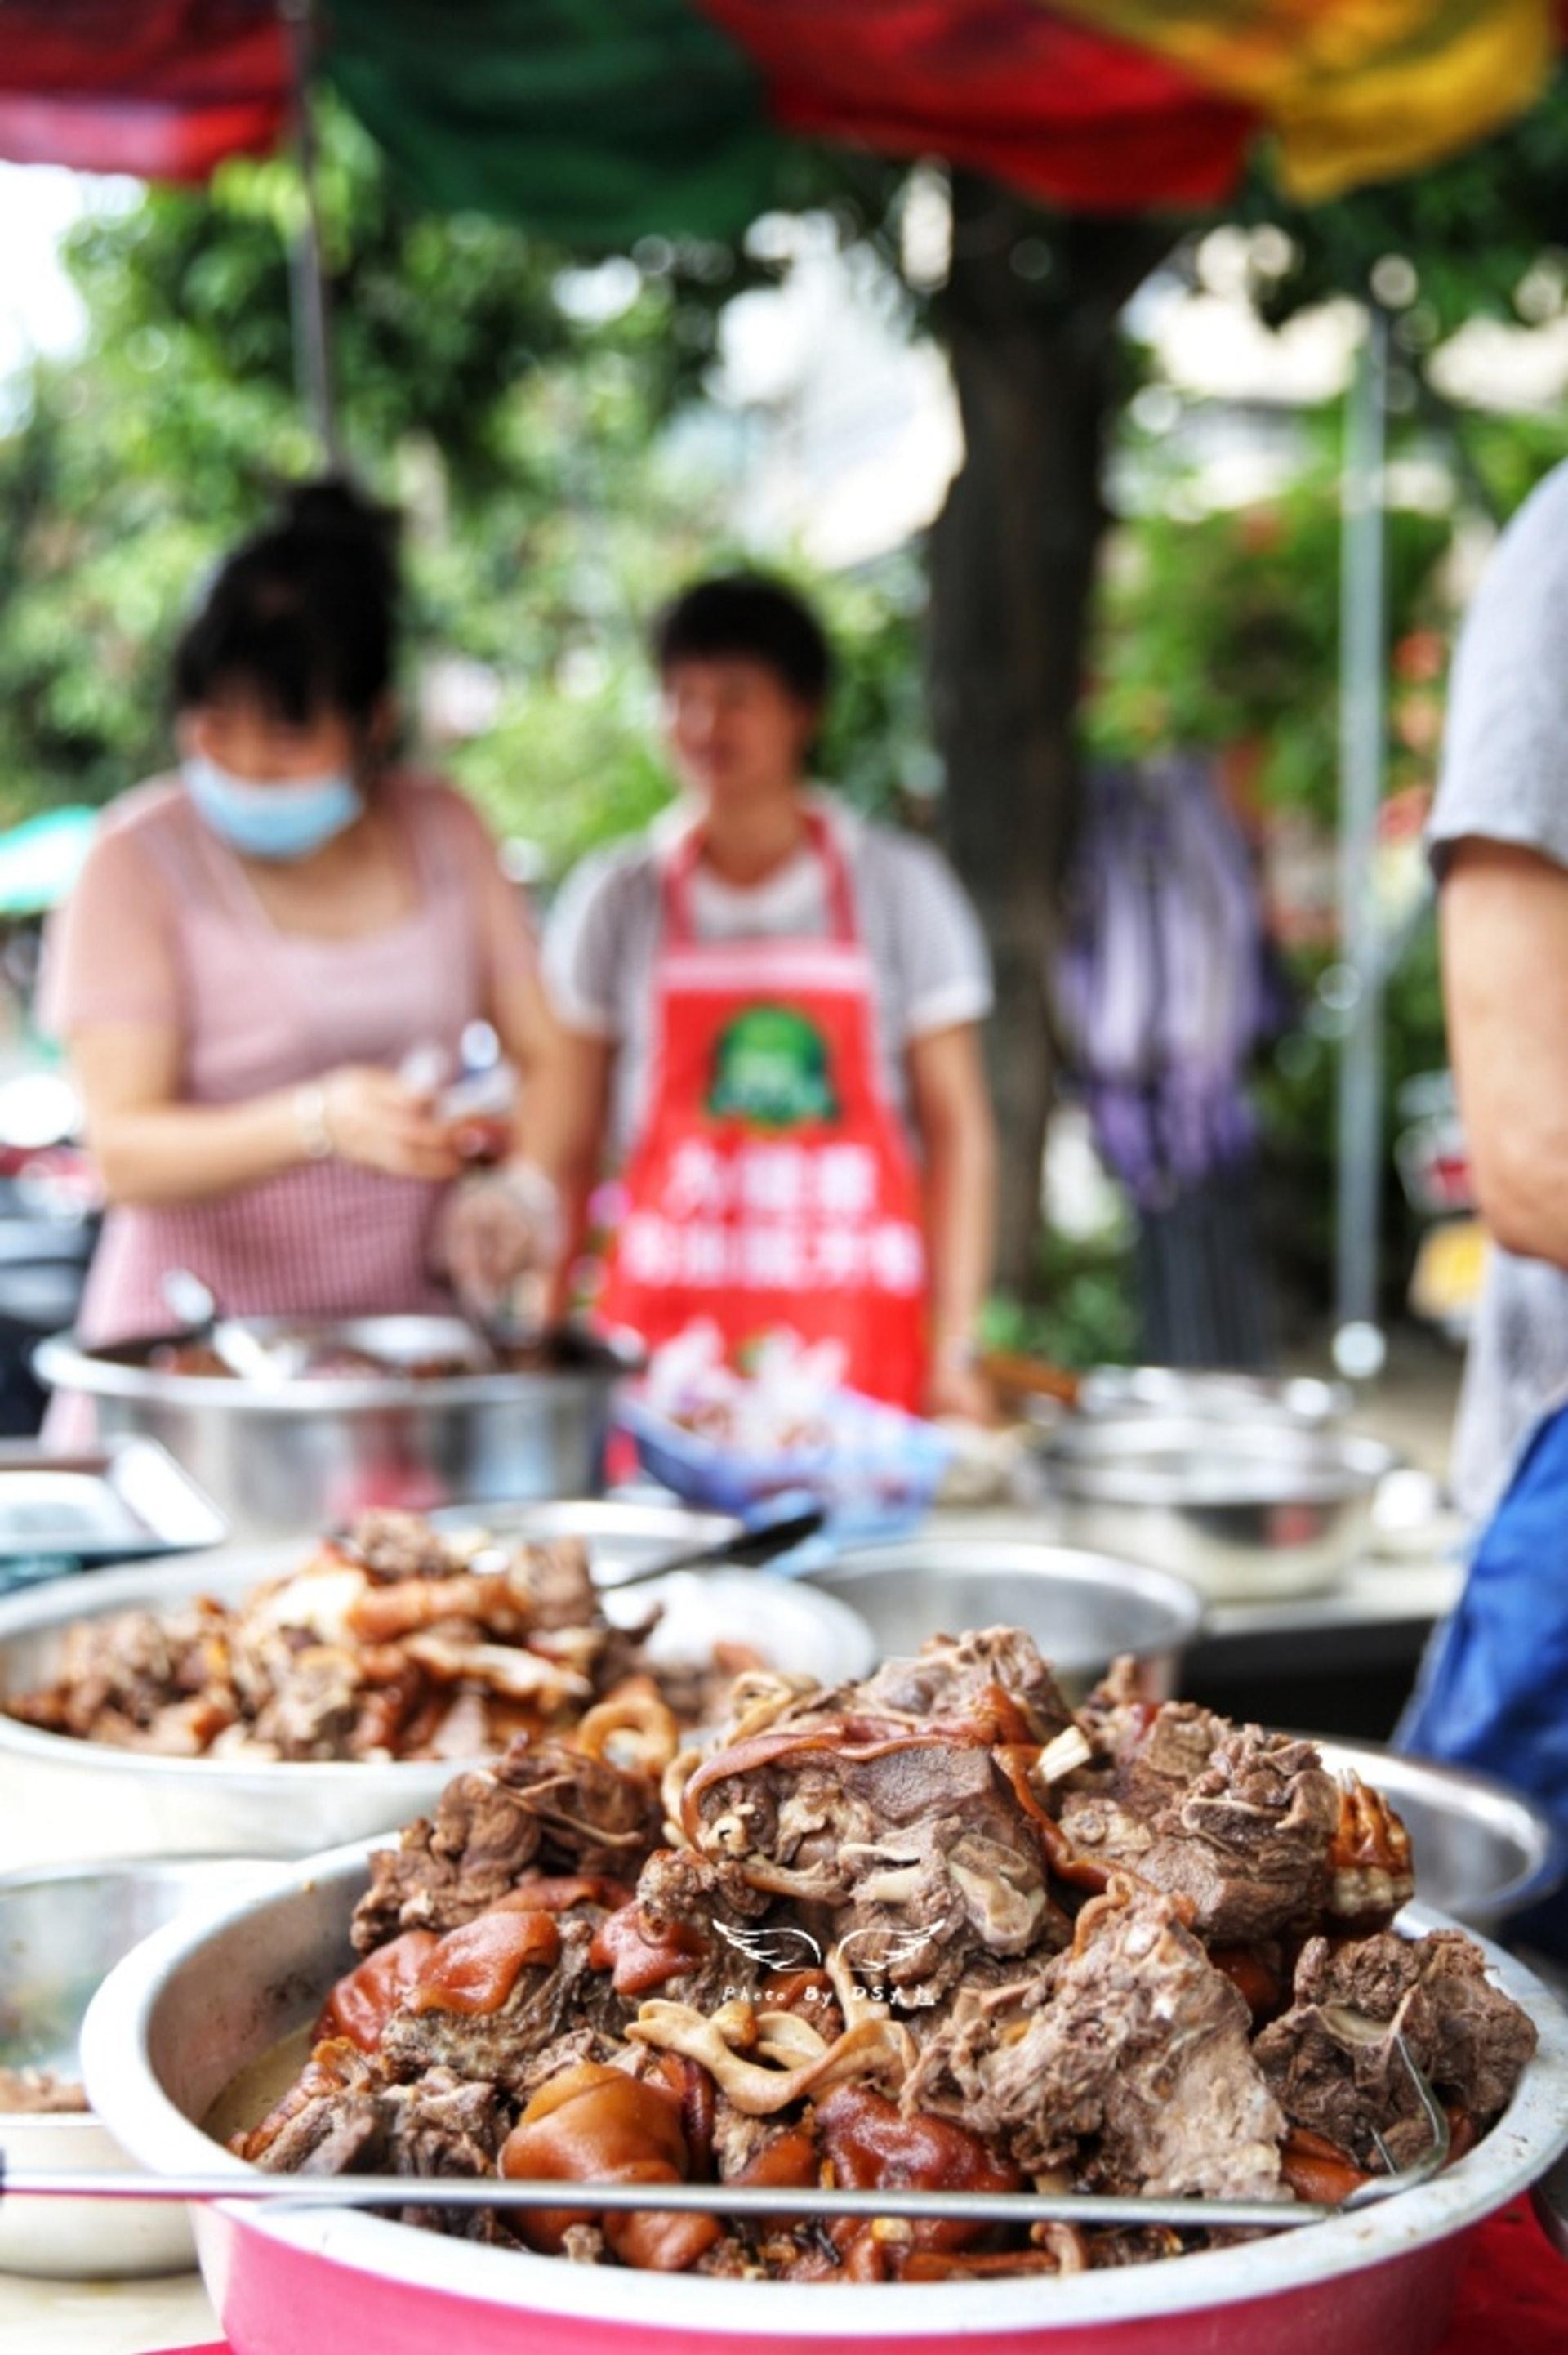 一堆堆烹調好的狗肉,就在烈日下曬着。(微博)